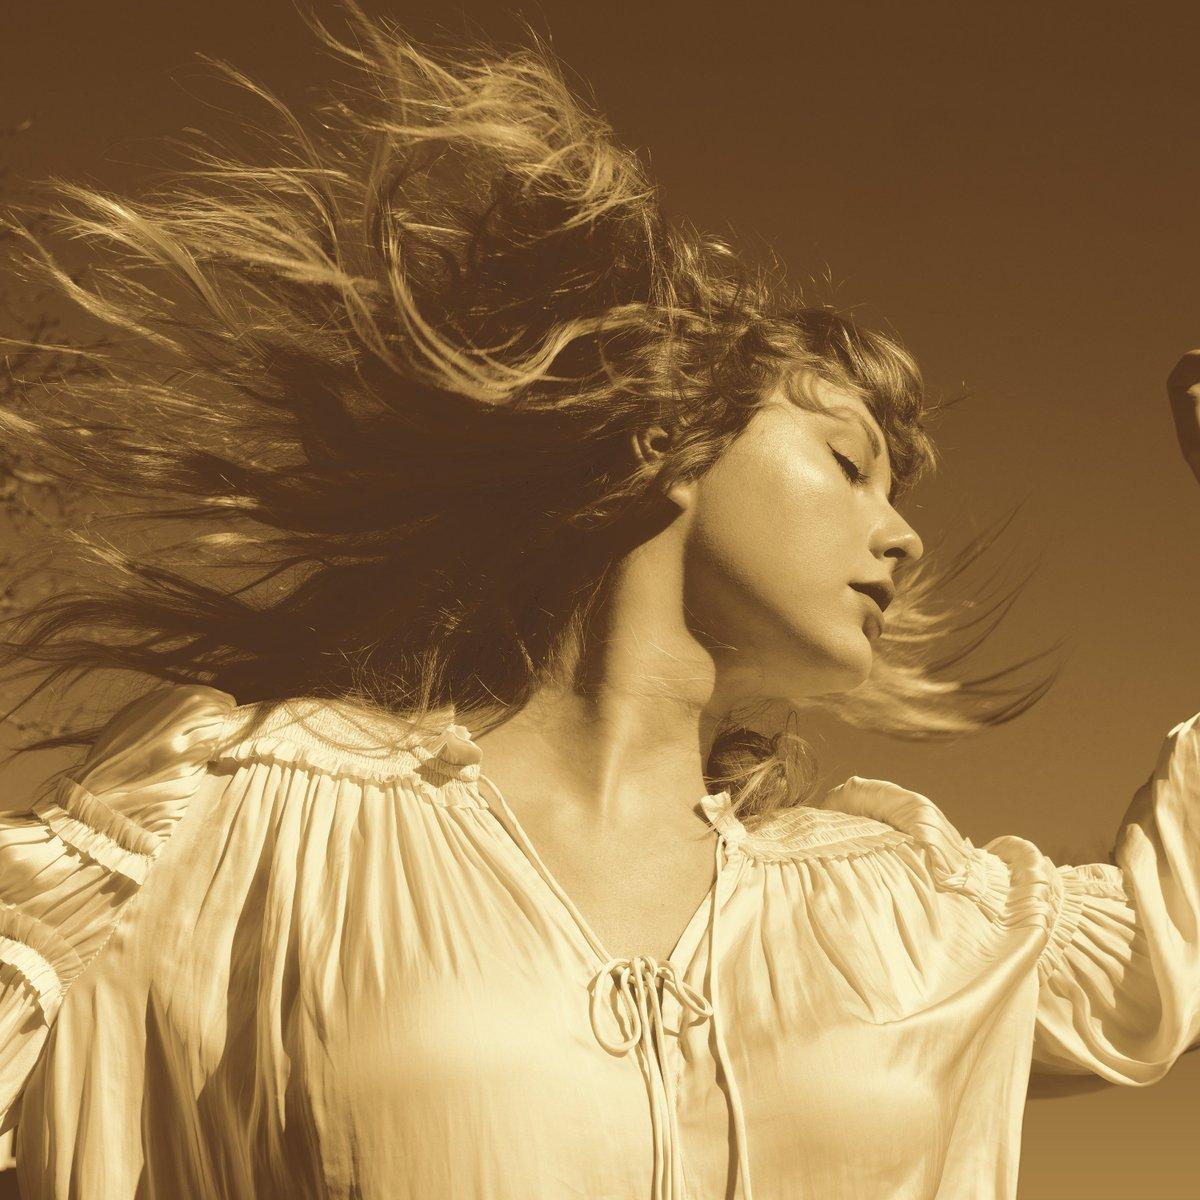 taylor swift na capa do album fearless taylors version imagem divulgada com anuncio da nova versao da faixa love story